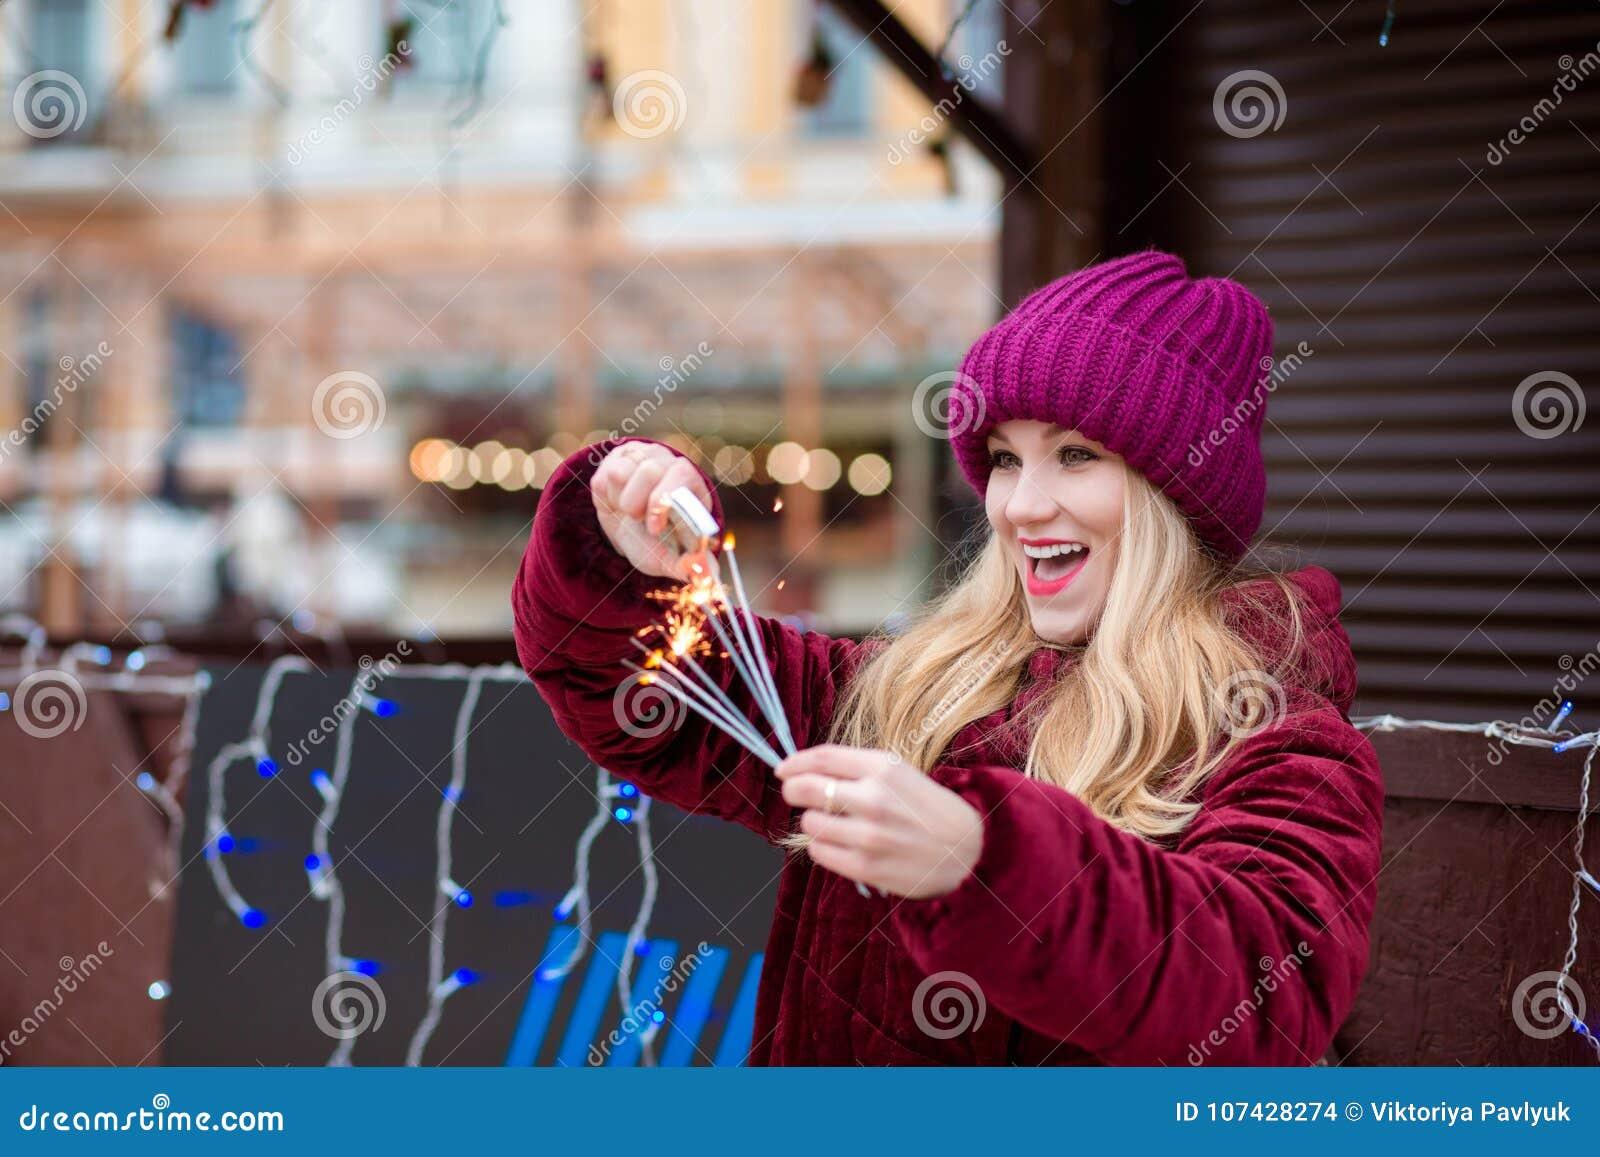 La muchacha rubia sorprendida se vistió en ropa elegante, fija el fuego al gl